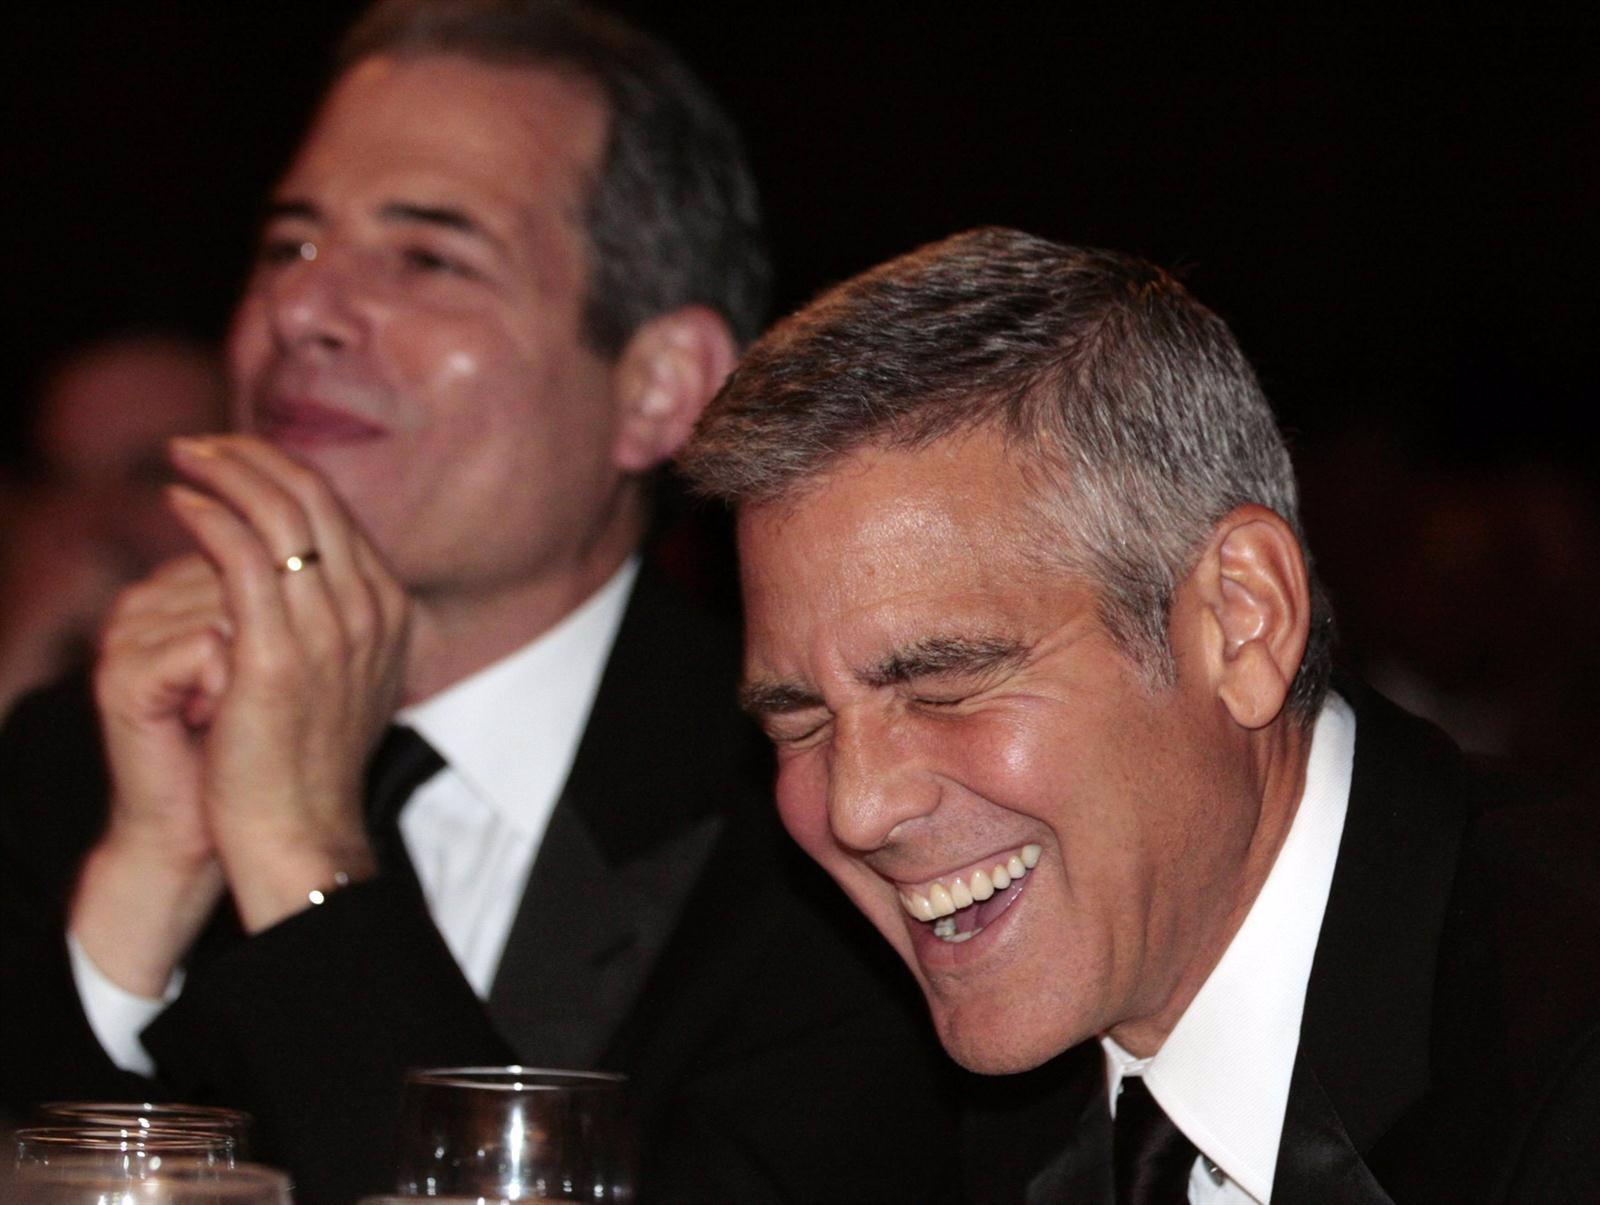 El actor George Clooney riéndose a carcajadas en una cena